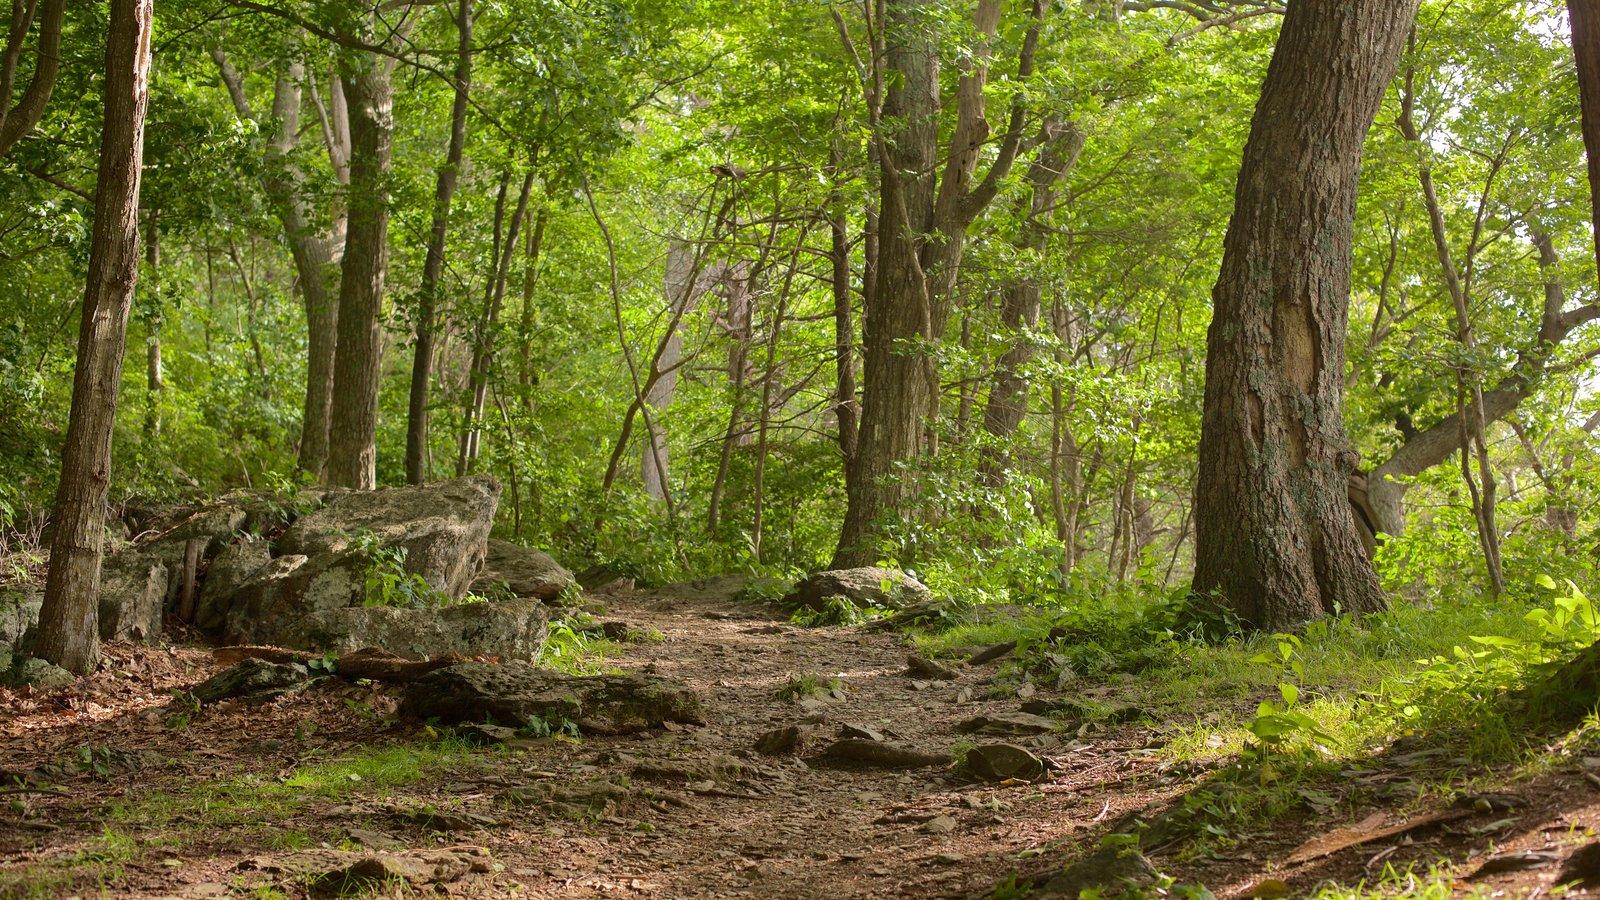 Parque Nacional Shenandoah que incluye escenas tranquilas y escenas forestales